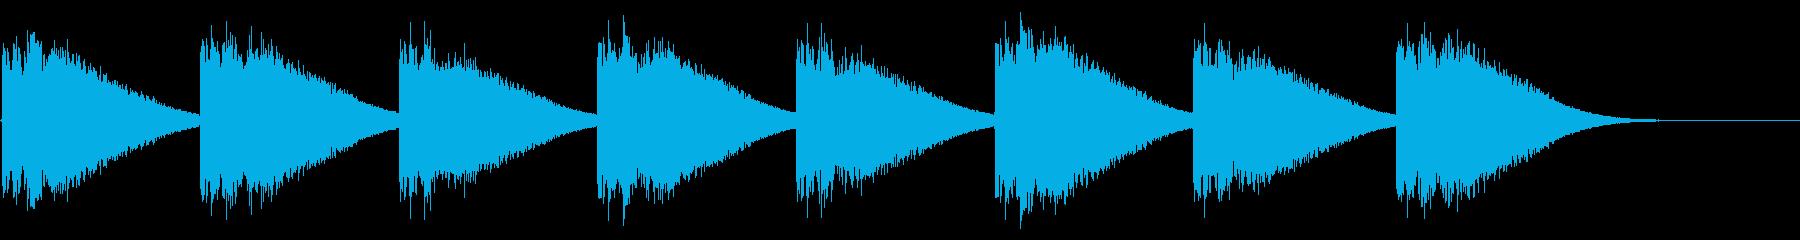 教会の鐘-1-3_delayの再生済みの波形